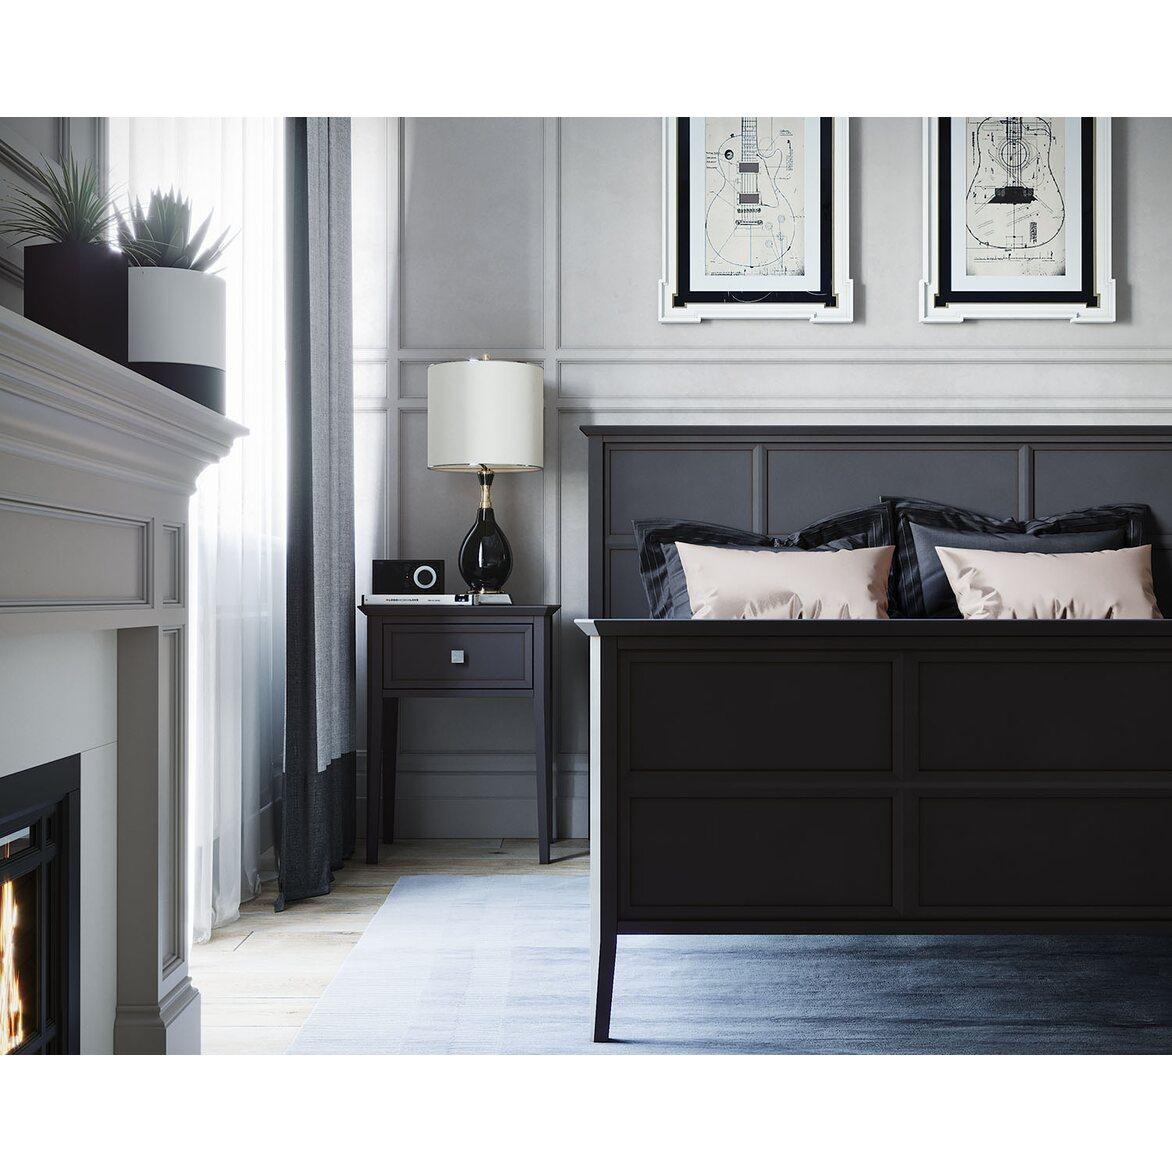 Шкаф двухстворчатый с ящиками Ellington, черный 5   Платяные шкафы Kingsby